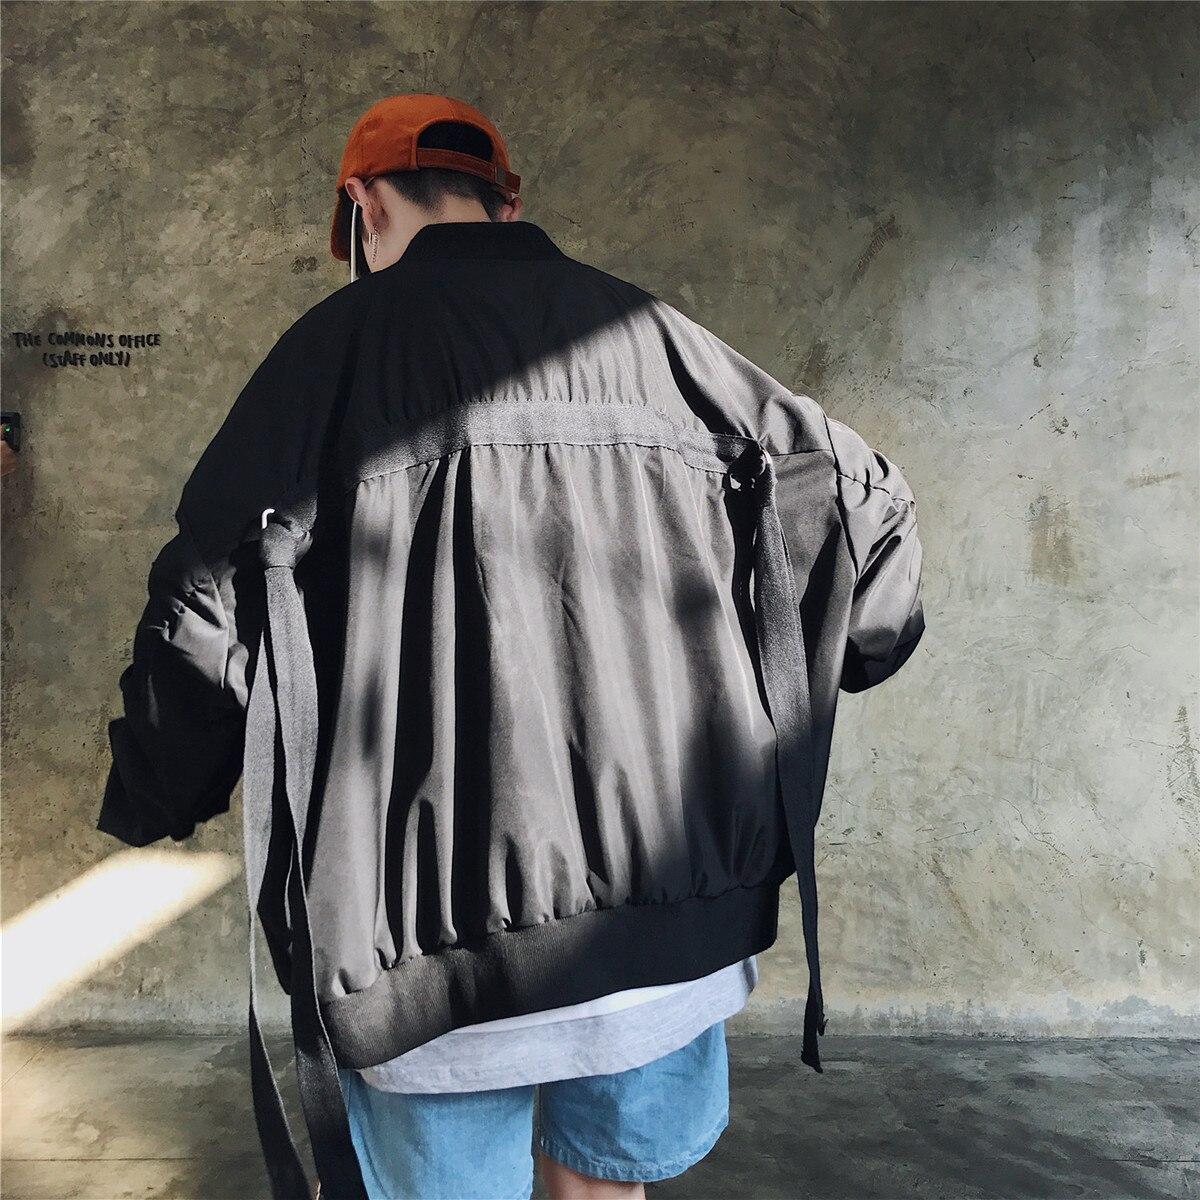 2018 automne nouvelle exquise version coréenne de lâche baseball col décontracté veste rue danse rue sauvage noir/vert M-XL